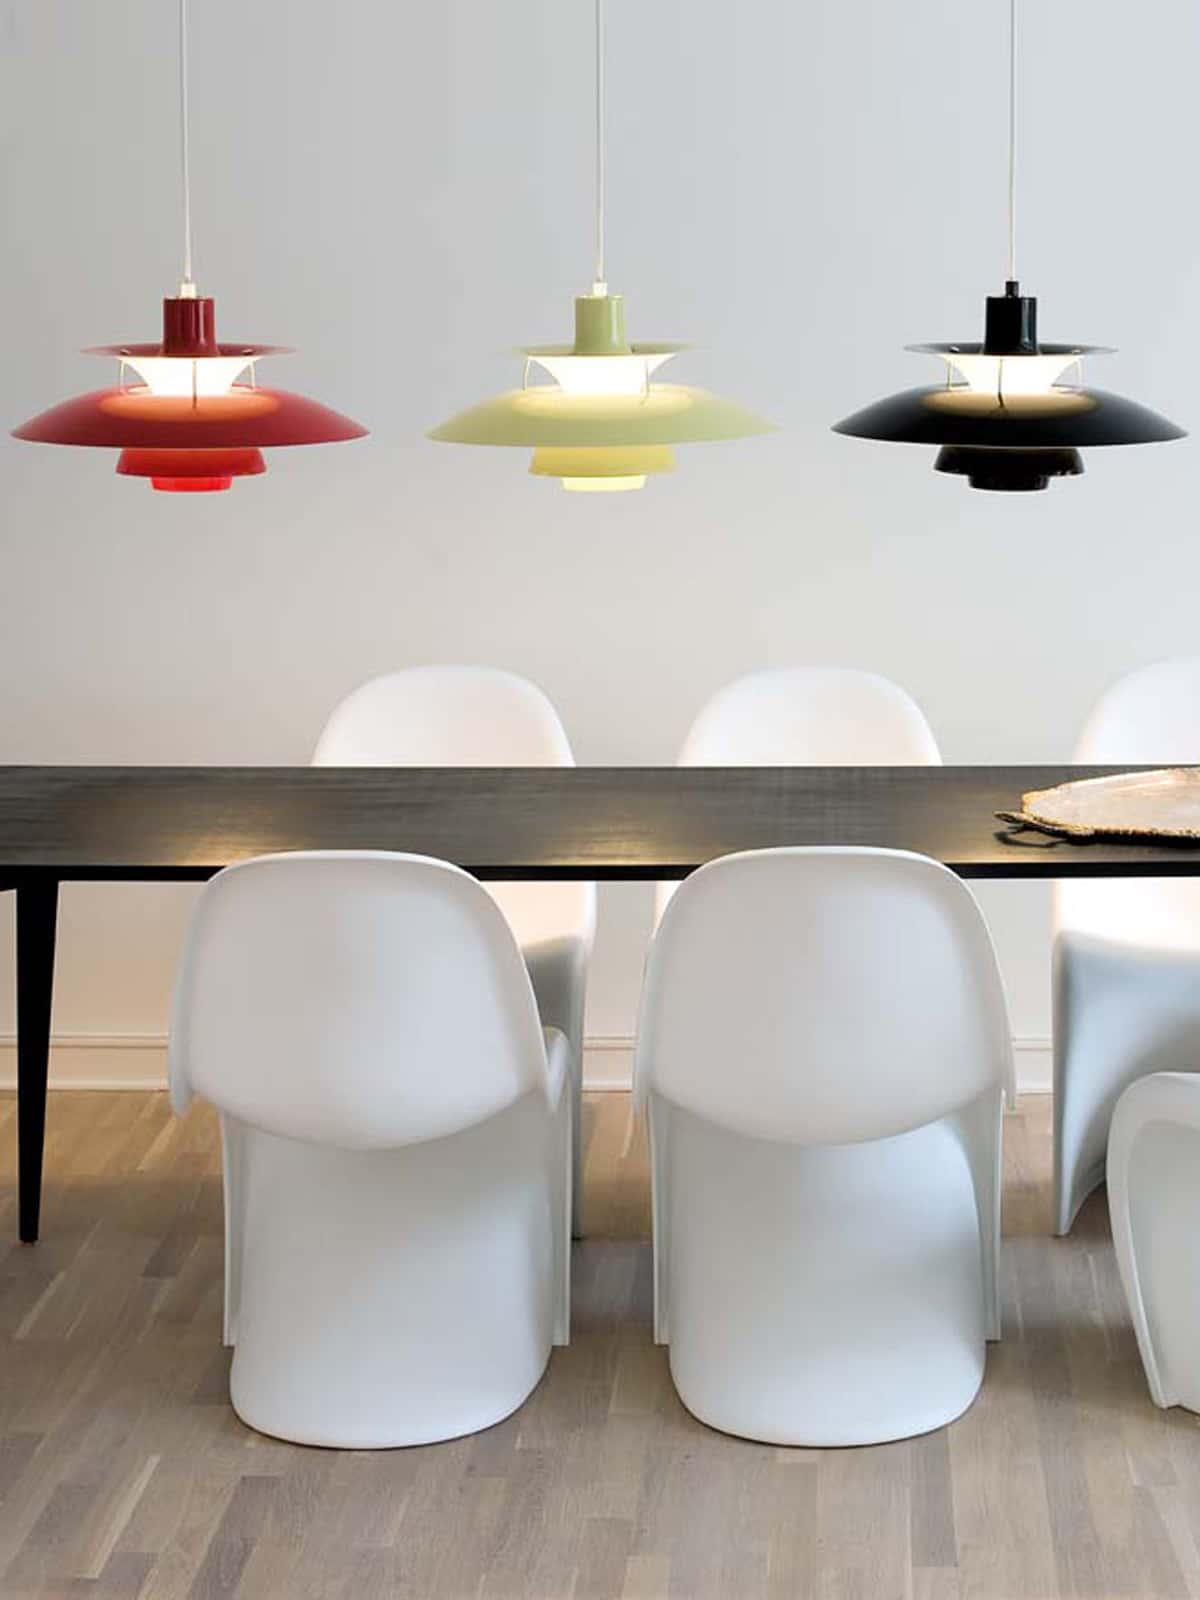 Licht und Farbe mit der Lampe PH 50 in rot, grün und olive/schwarz